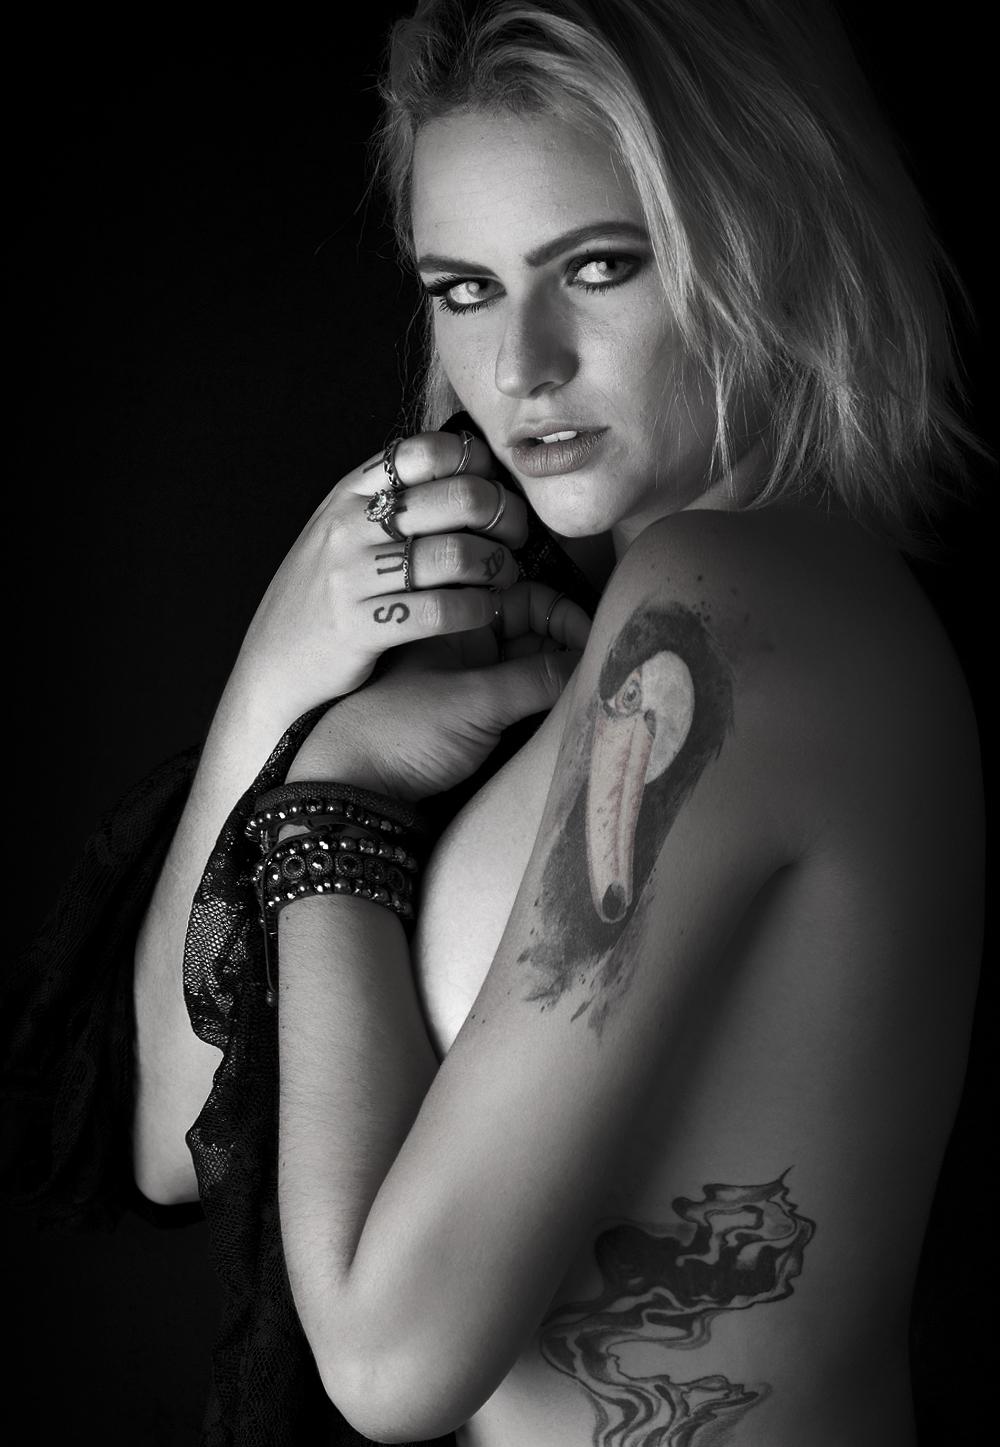 Marcella - Ink models Brazil